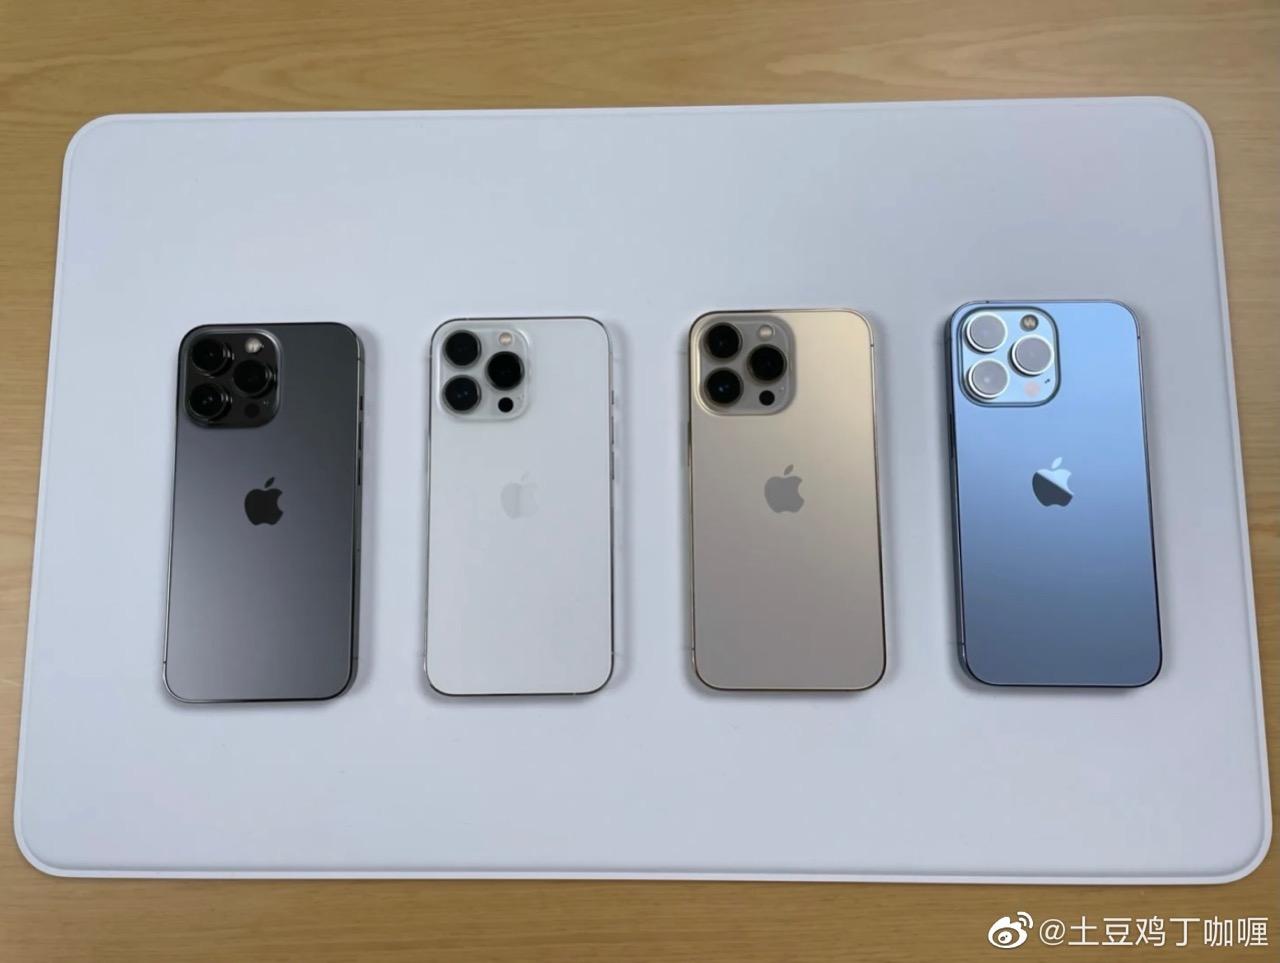 iPhone 13|13 Proの色はこんな感じ?全色実機が公開